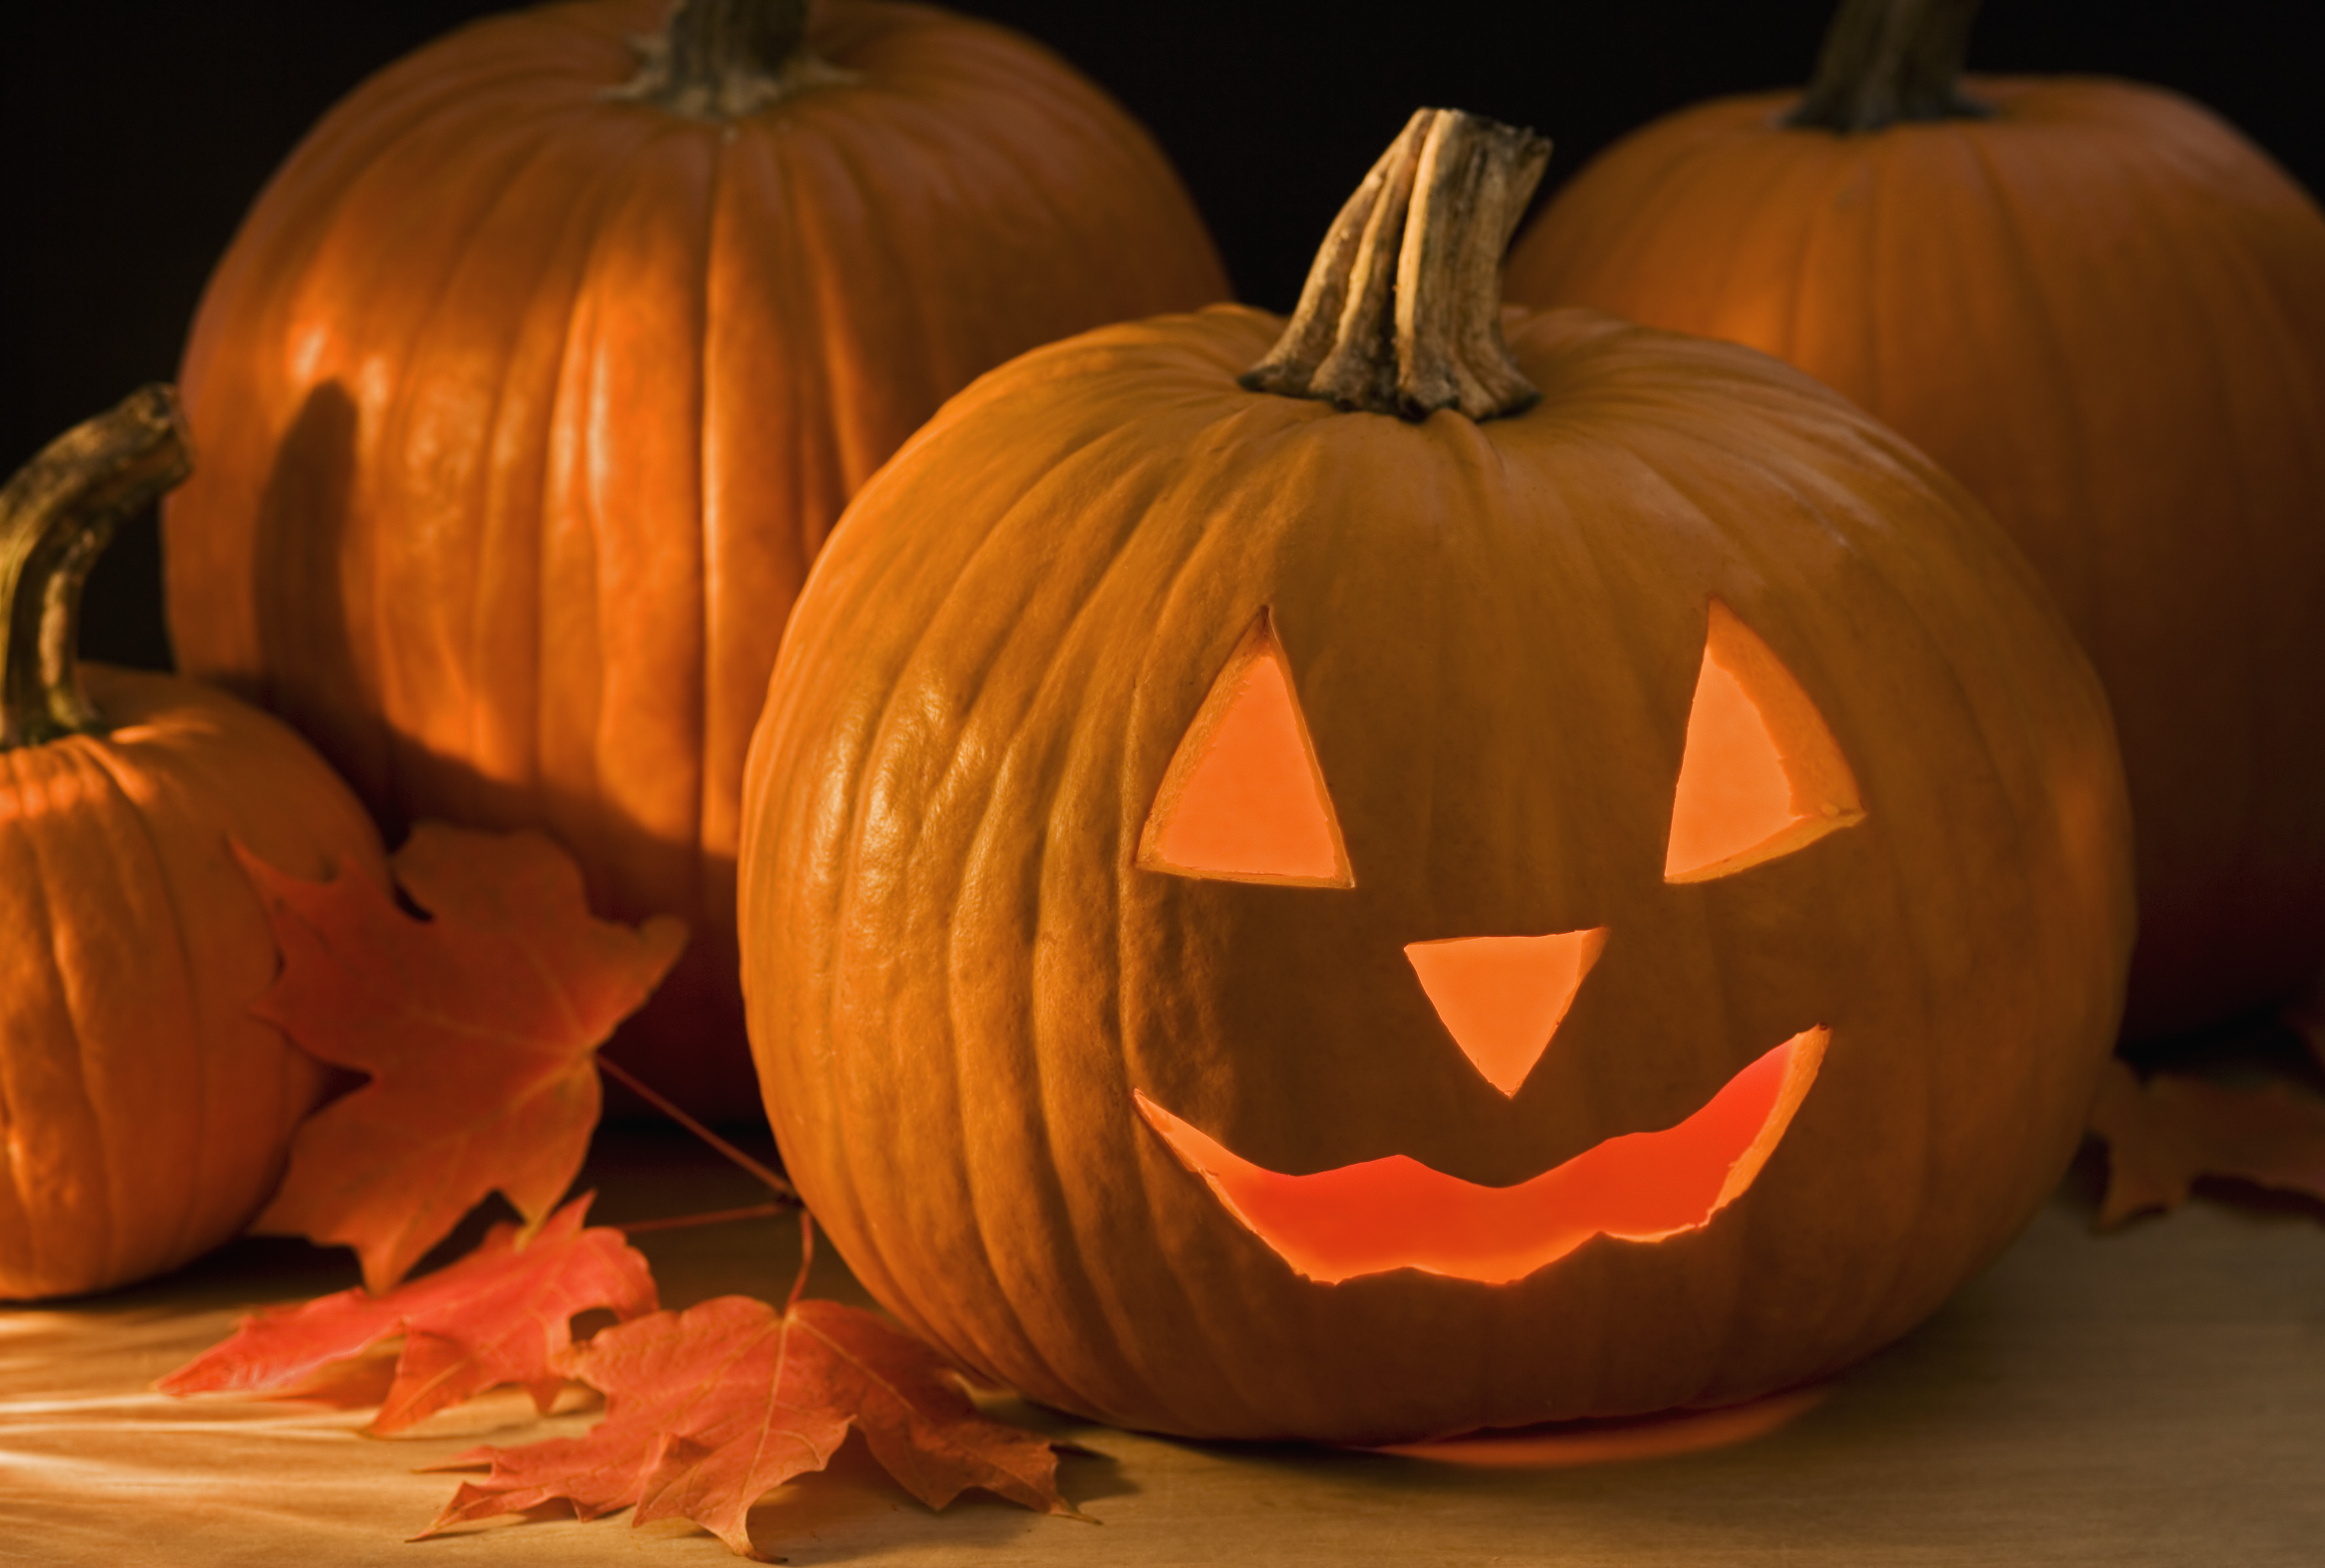 Jack Ou0027lanterns, Halloween, Halloween Tradition, Pumpkins, Carving Pumpkins